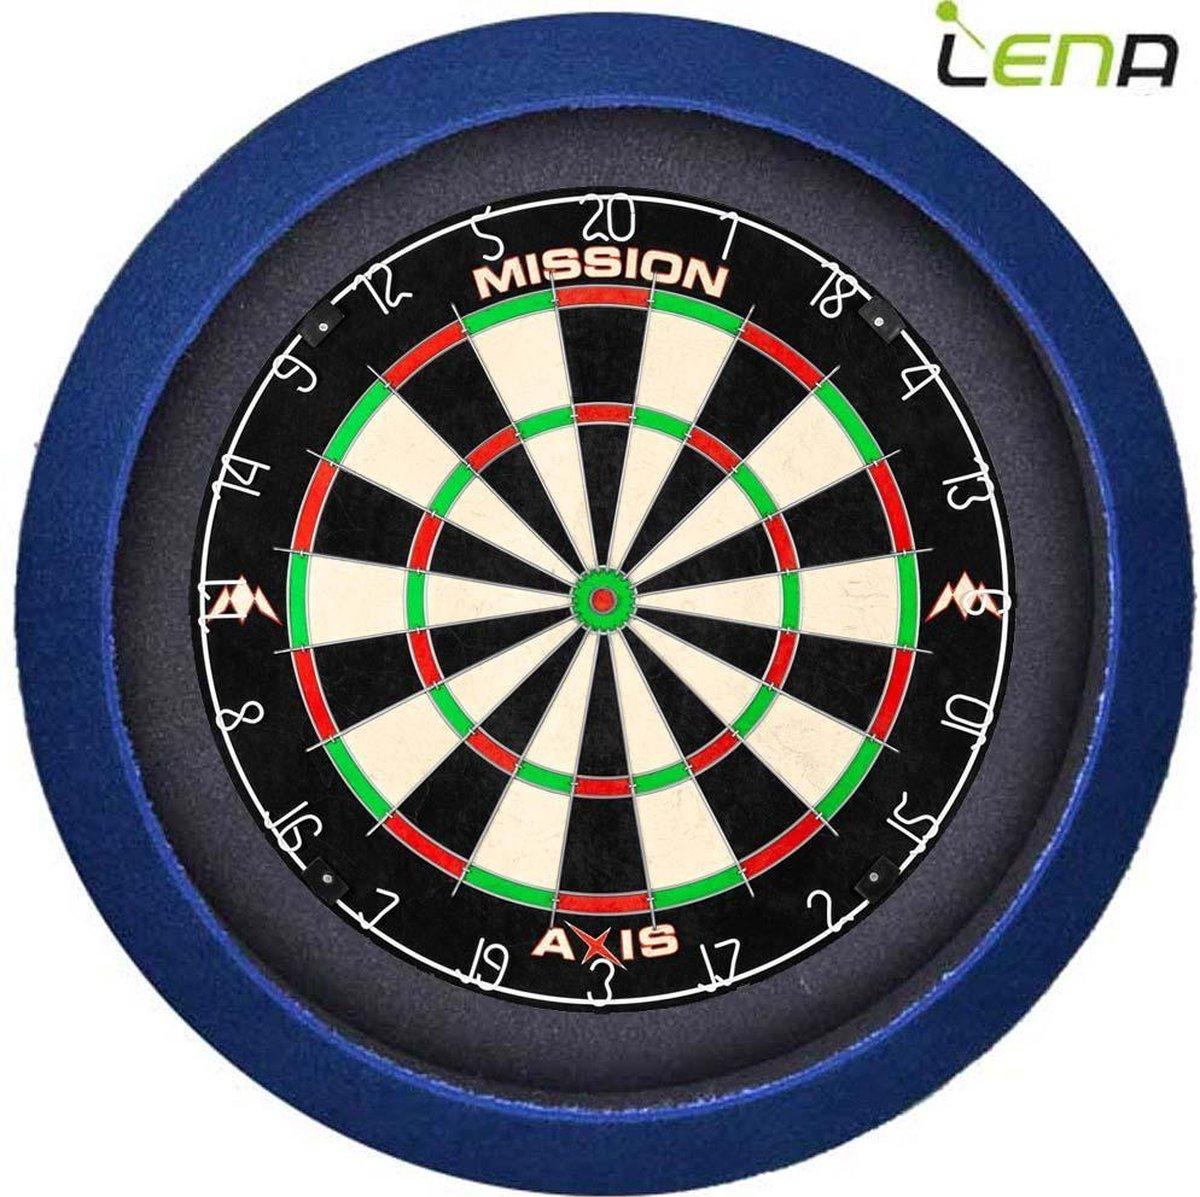 Dartbord met Verlichting Voordeelpakket (Blauw) + Mission Axis + Lena Basic